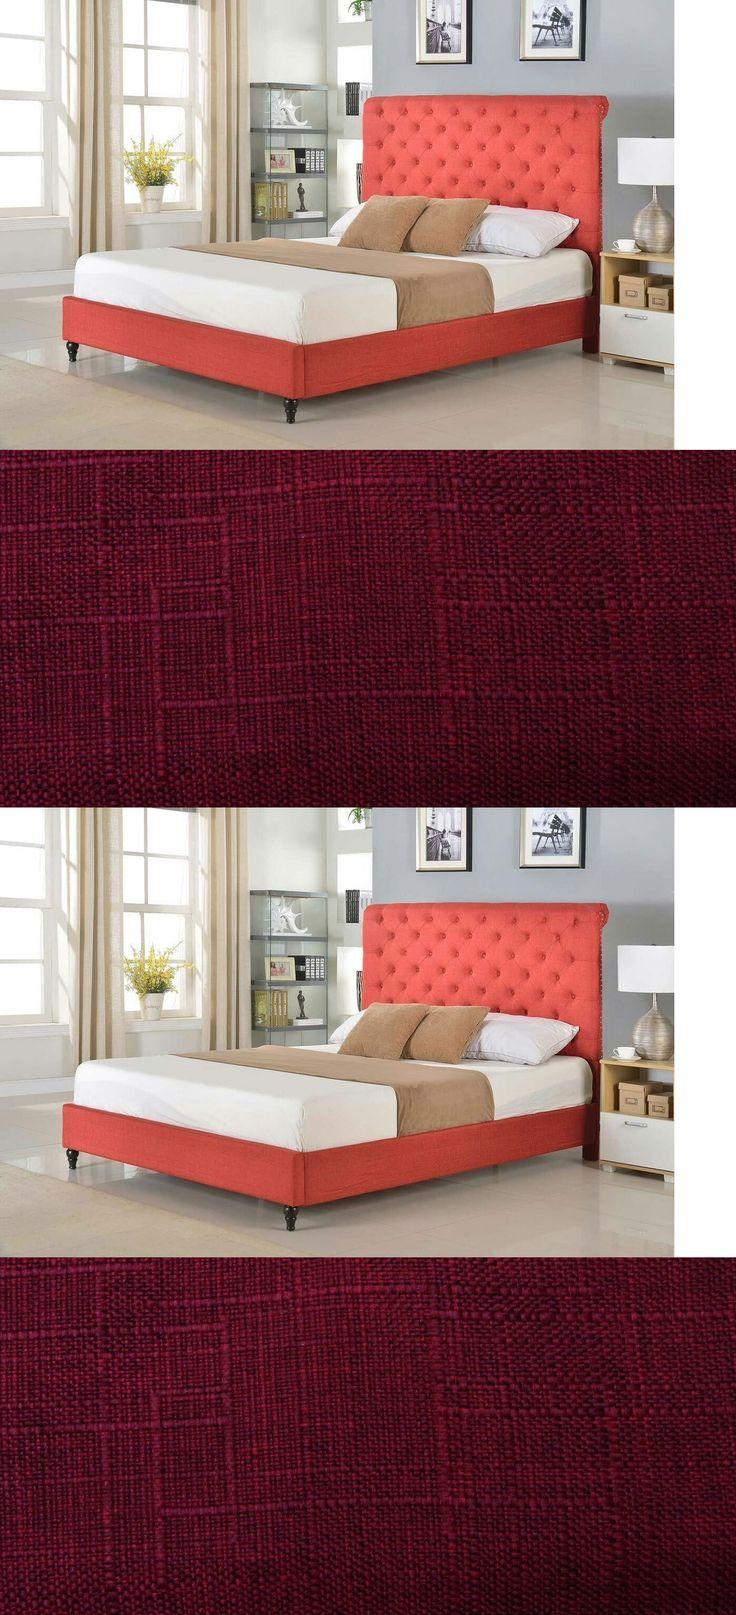 best 20 tall bed frame ideas on pinterest pallet platform bed west elm bedroom and timber. Black Bedroom Furniture Sets. Home Design Ideas